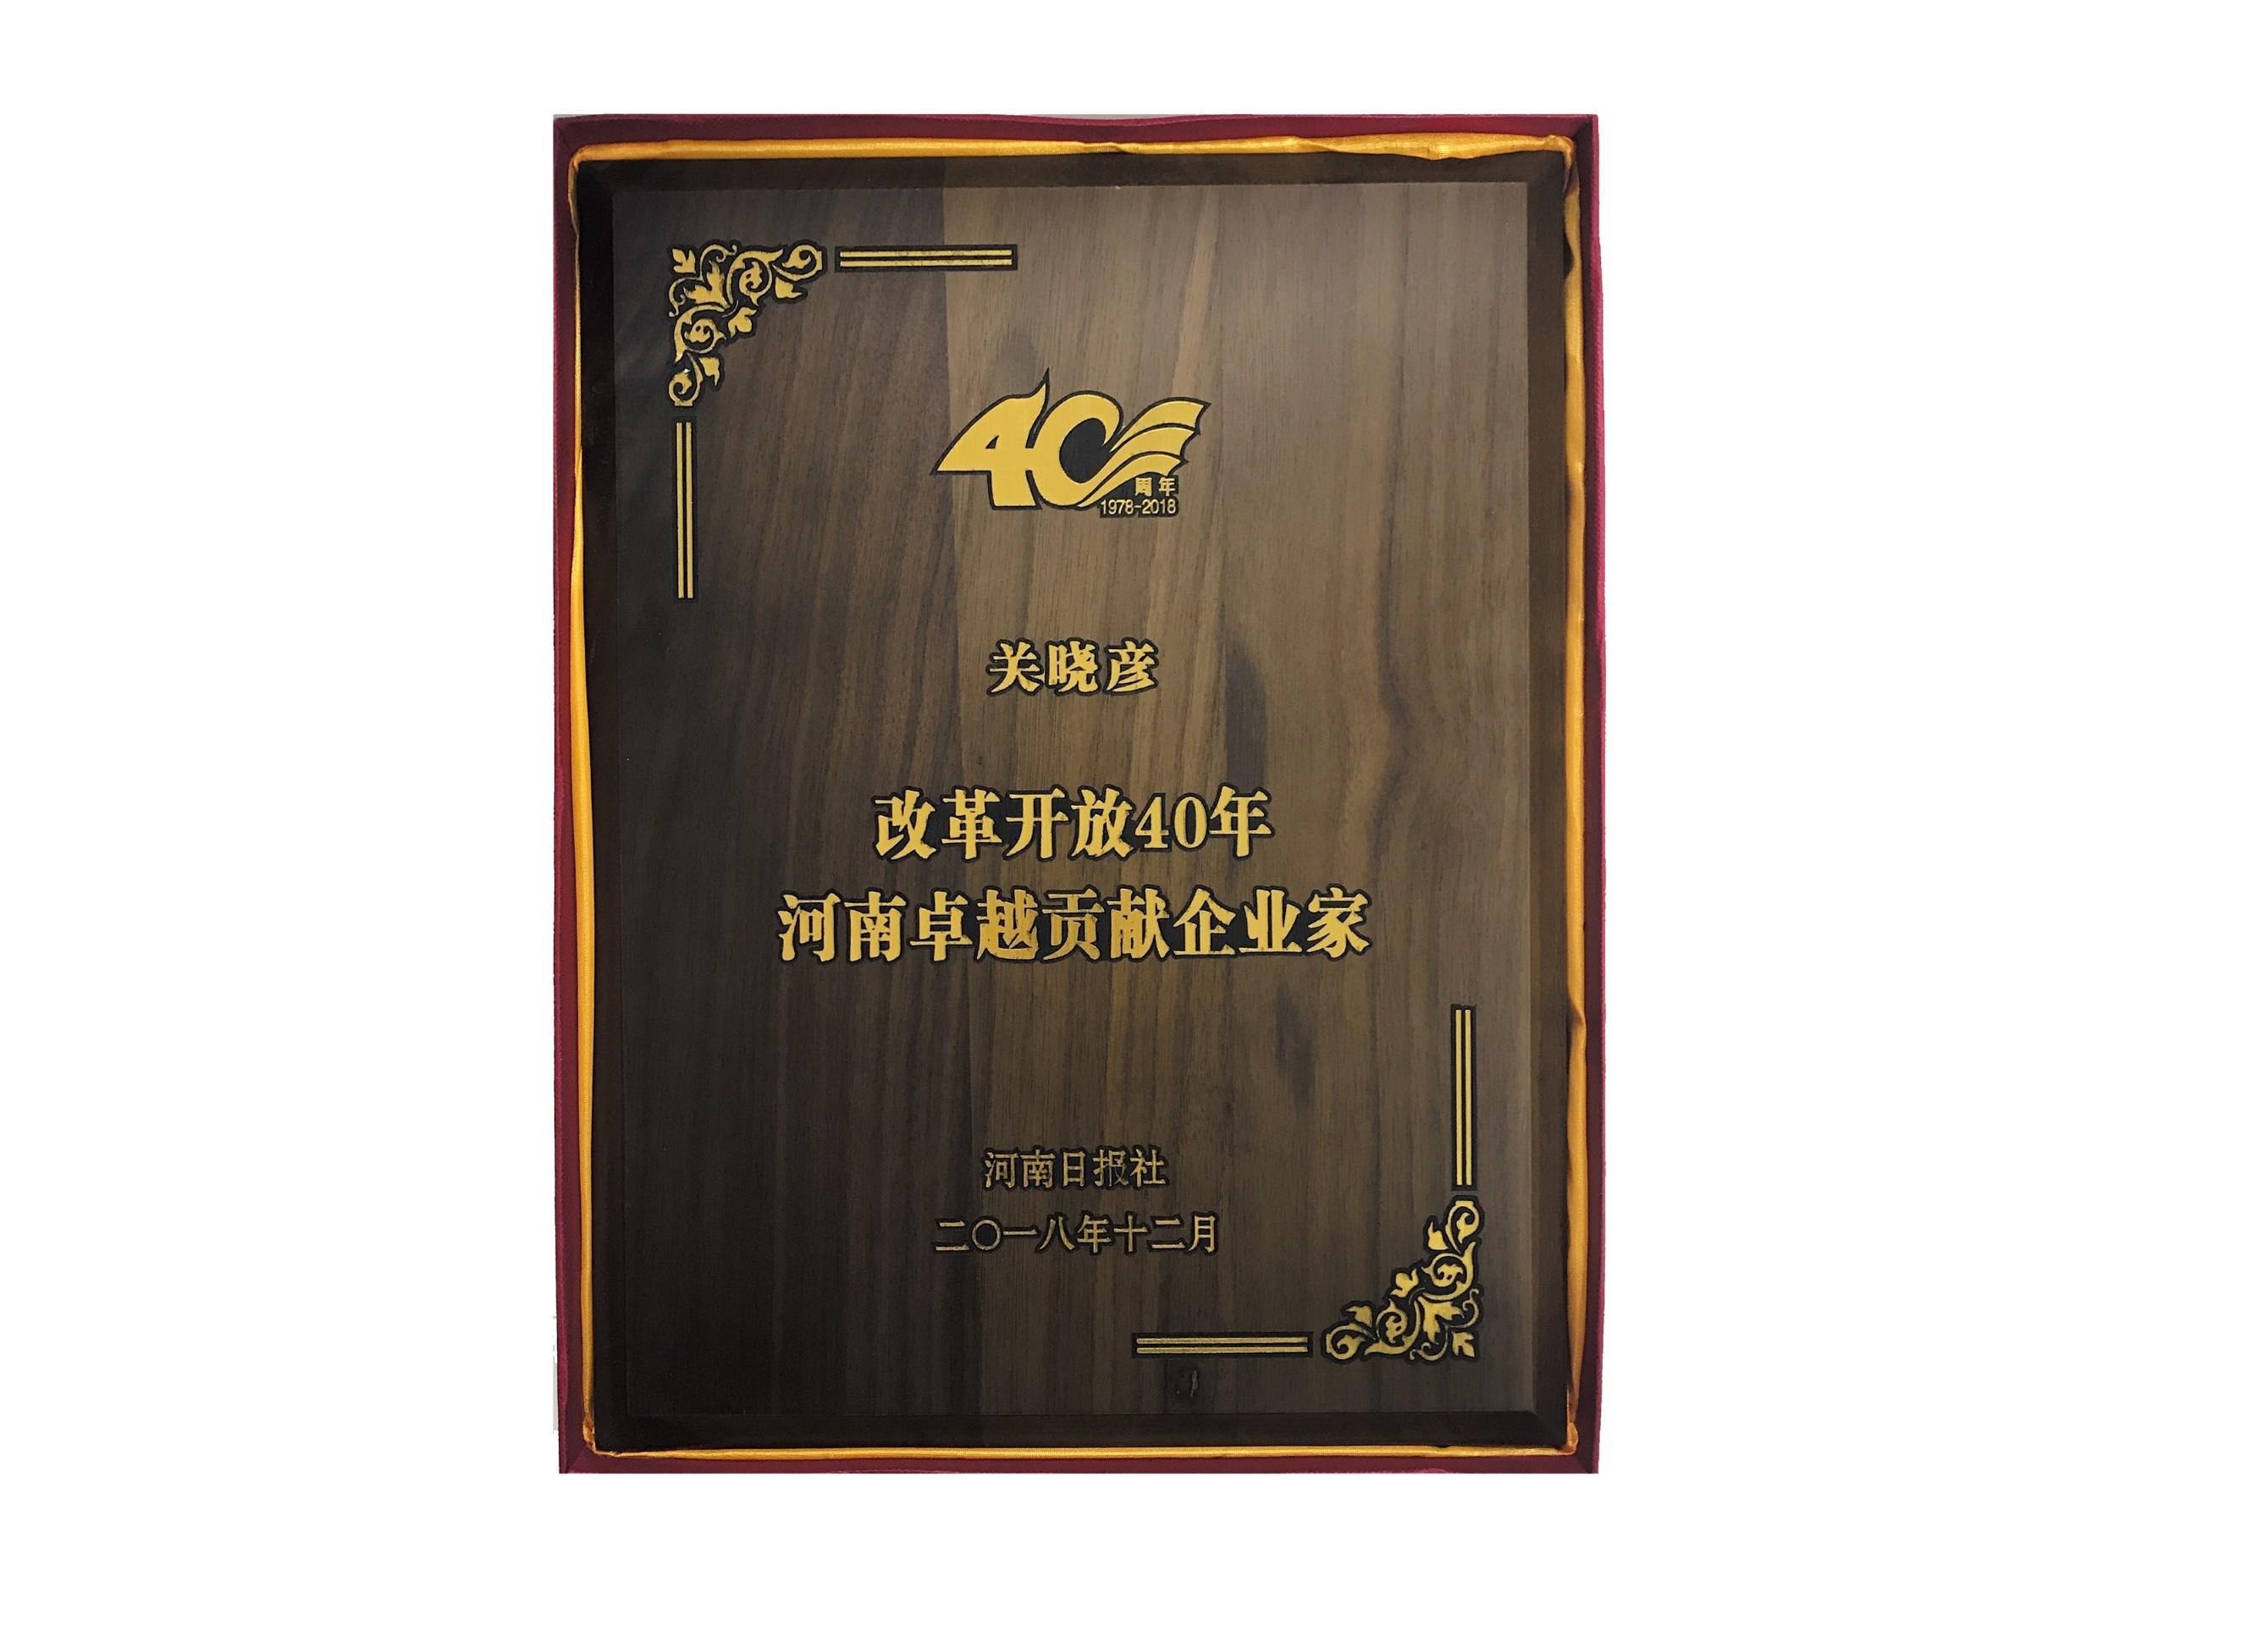 改革开放40周年河南卓越贡献企业家